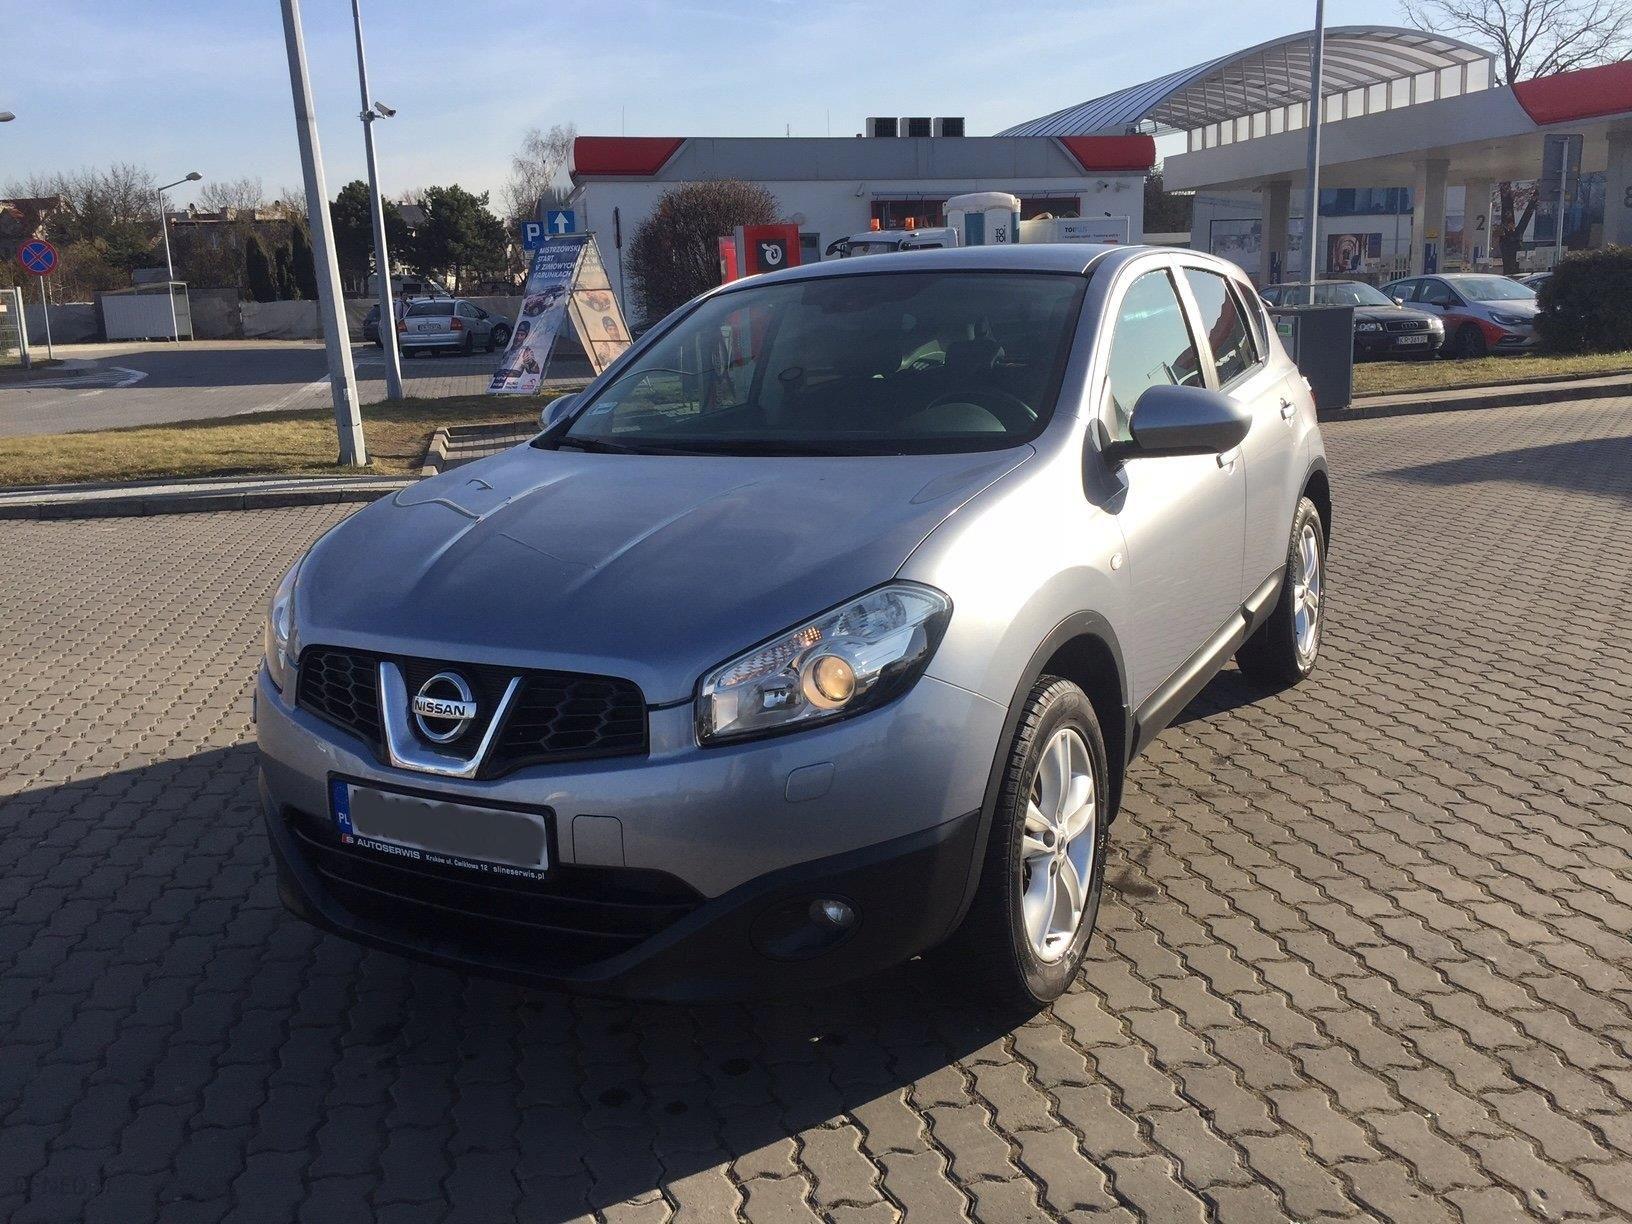 Nissan Qashqai 1.6 Benzyna srebrny - Opinie i ceny na www ...